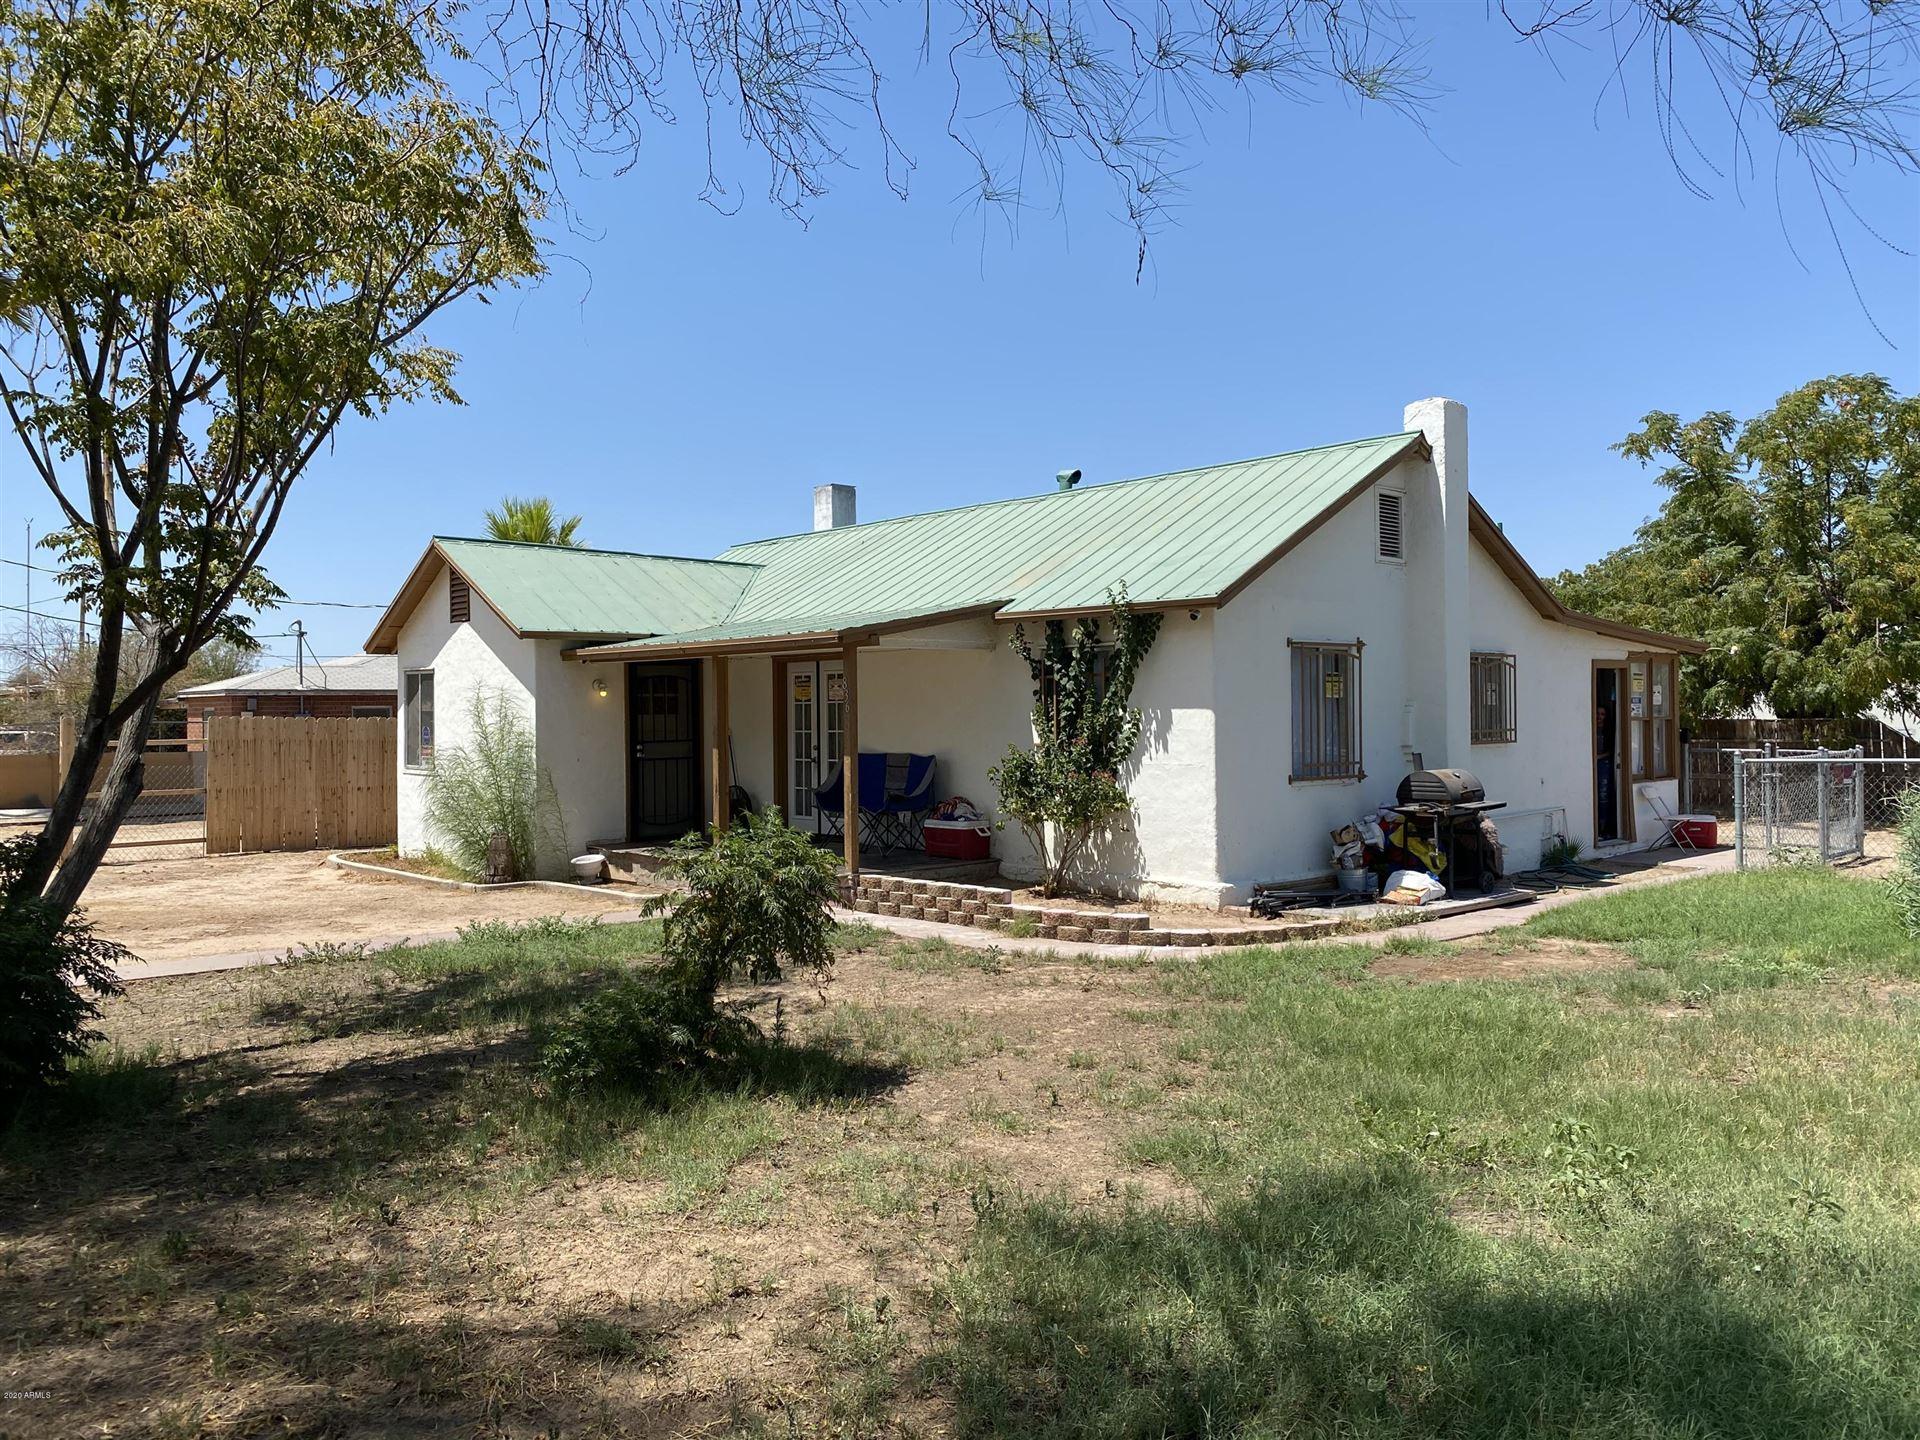 836 E ALTA VISTA Road, Phoenix, AZ 85042 - MLS#: 6122170